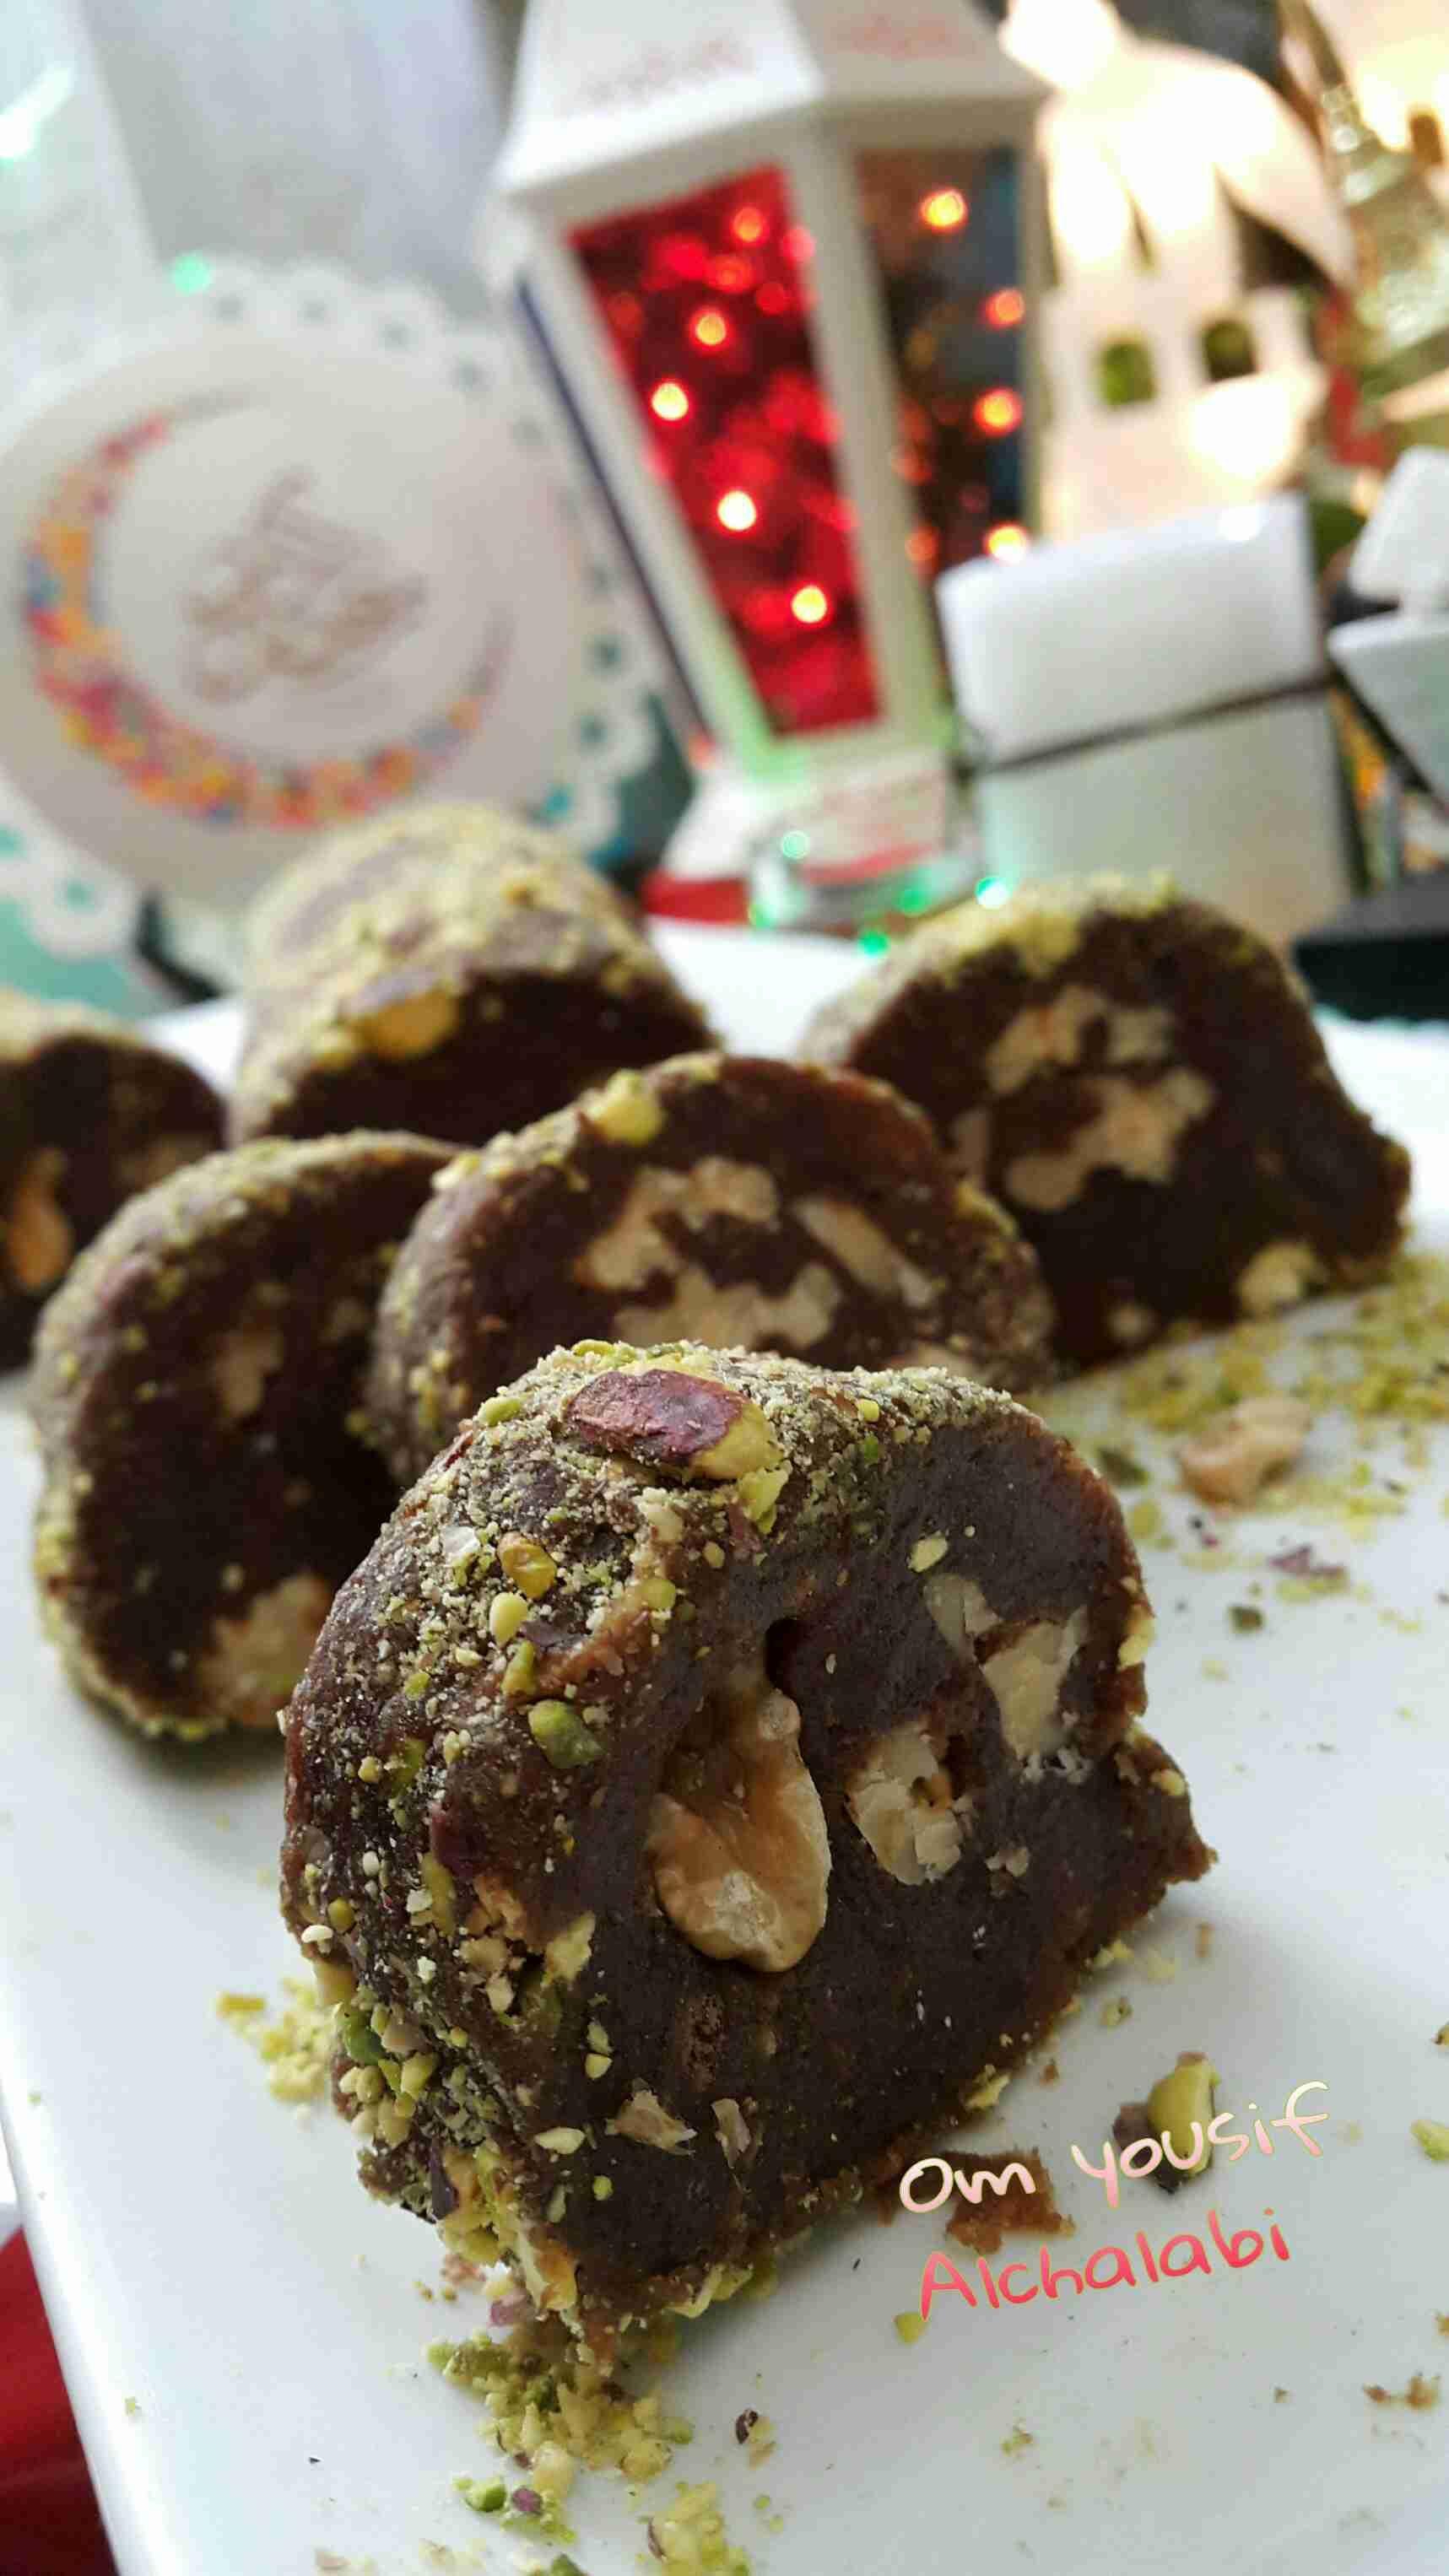 رول التمر بالمكسرات حلويات فخمة لشهر رمضان احفظوها عندكم زاكي Food Desserts Brownie